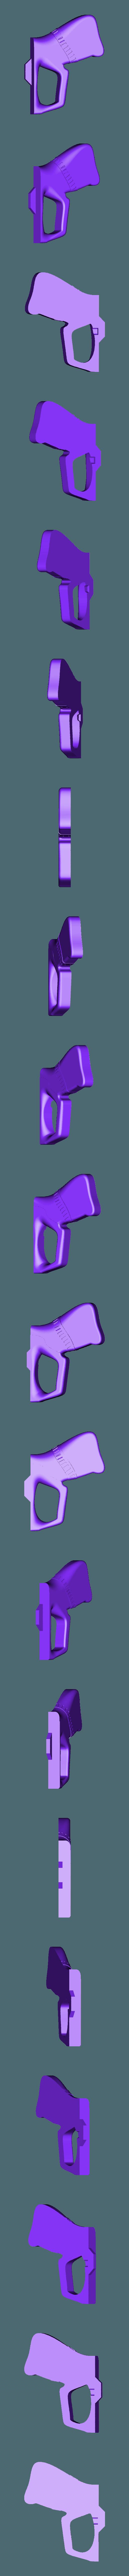 Handle_Right.stl Download free STL file Borderlands Bandit Room Clener Shotgun • 3D printer object, Dsk